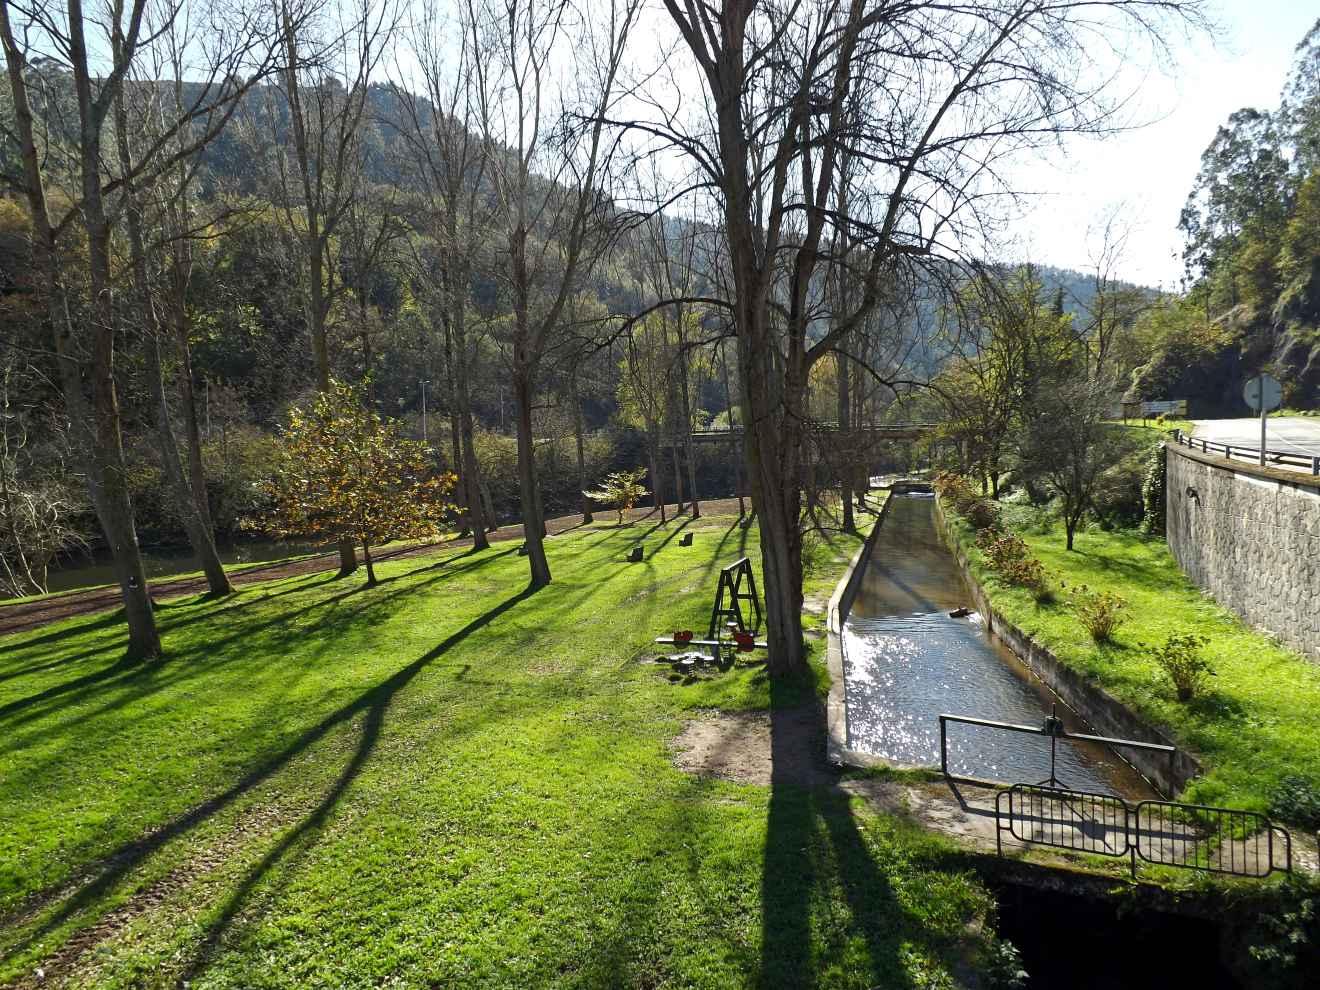 Canal en la campa de Santa Lucía